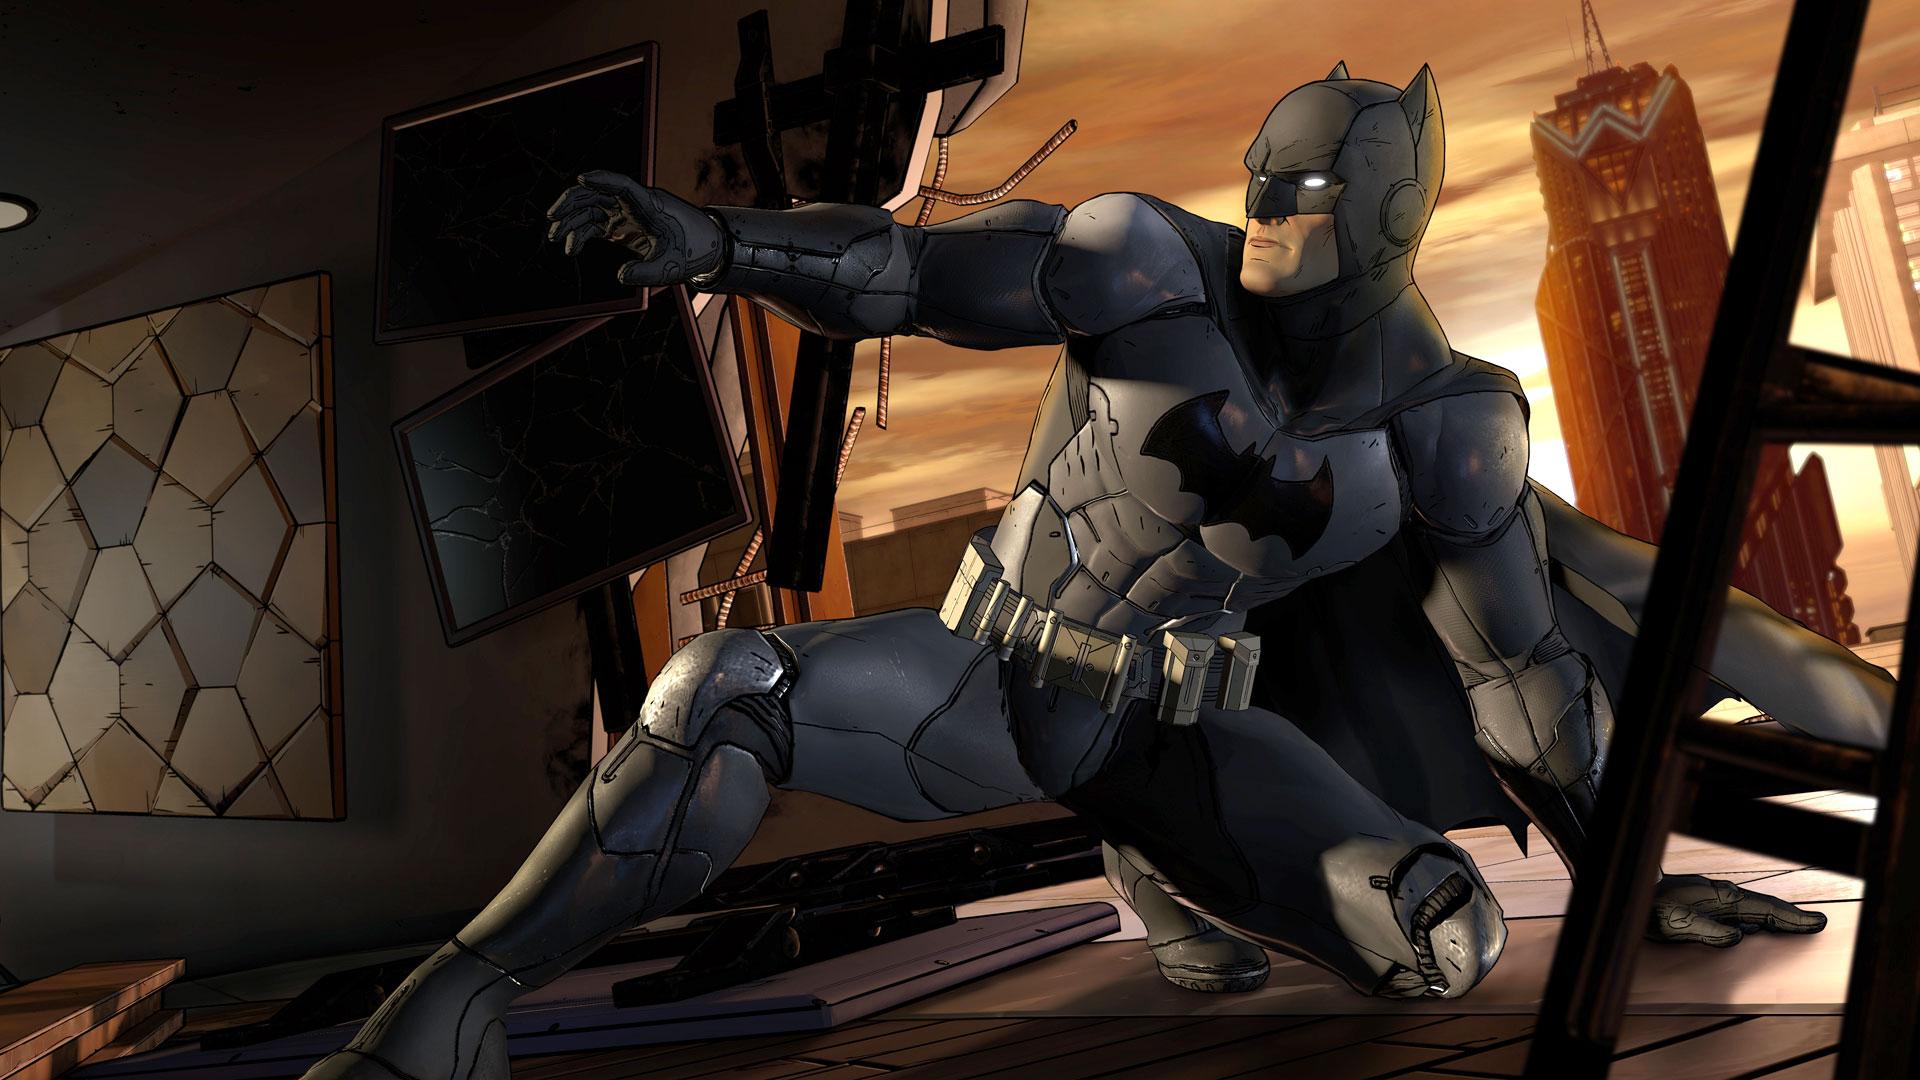 """Auch die """"Batman""""-Reihe fand trotz des großen Namens nur wenige Abnehmer. Telltale hatte sein ewig gleiches Gameplay- und stets nach Serien-Art vermarktetes Konzept überstrapaziert."""